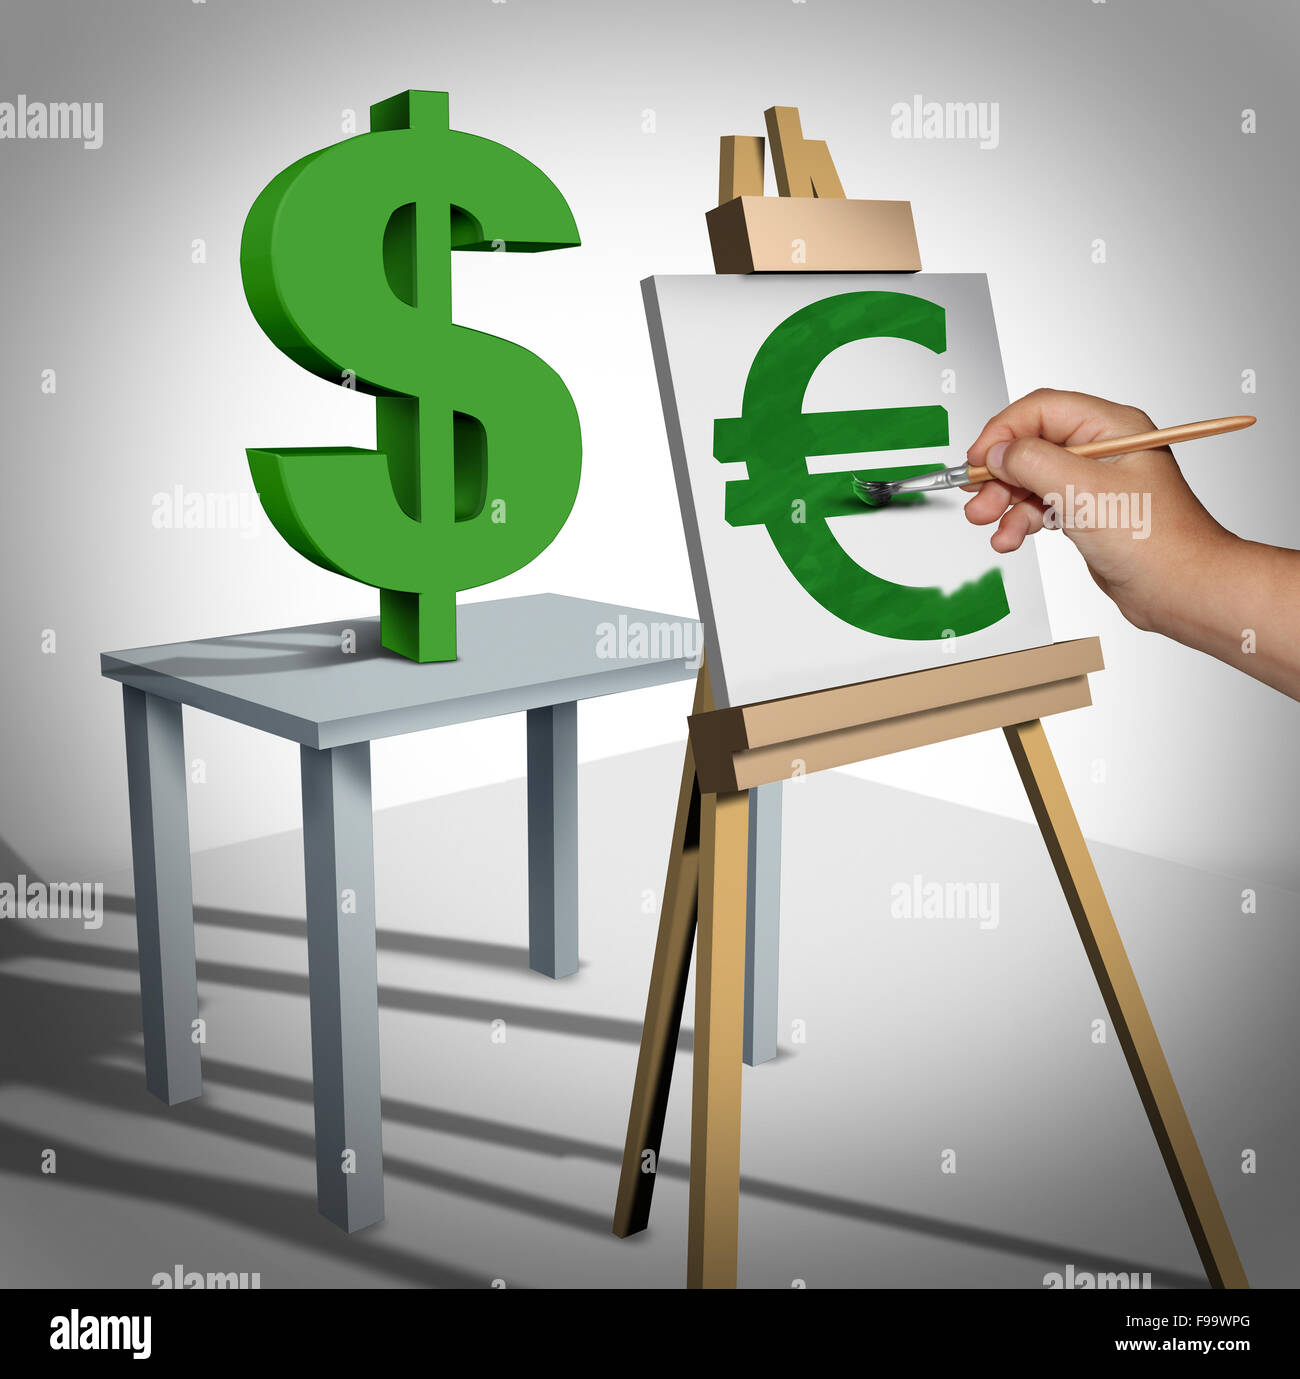 Währungsumrechnung und Geld tauschen finanzielle Geschäftskonzept als drei dimensionale Dollarzeichen Stockbild